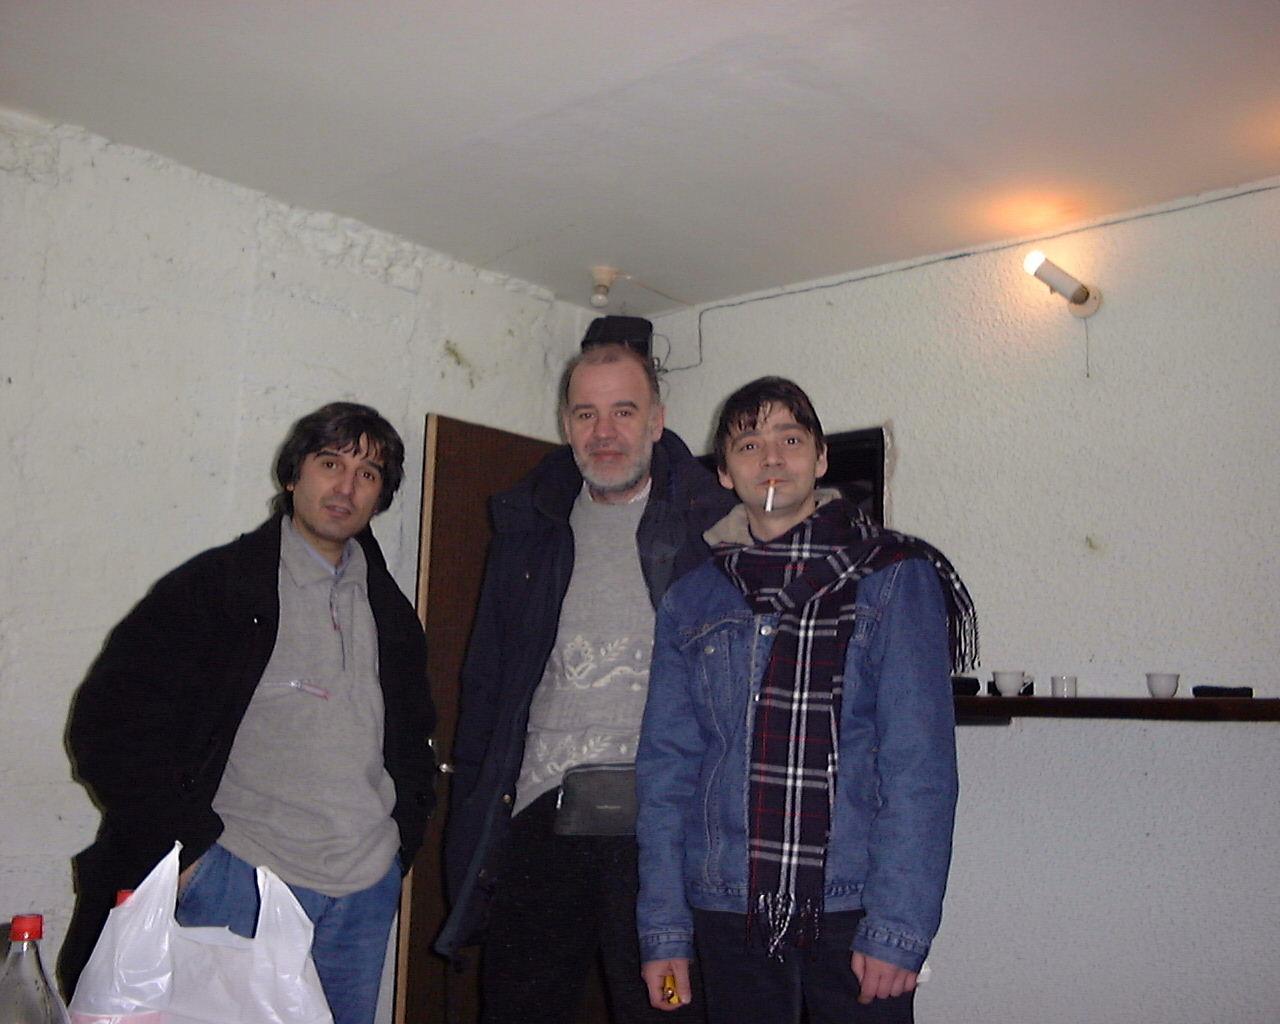 Ачо, Юри, и Венци в студио Графити